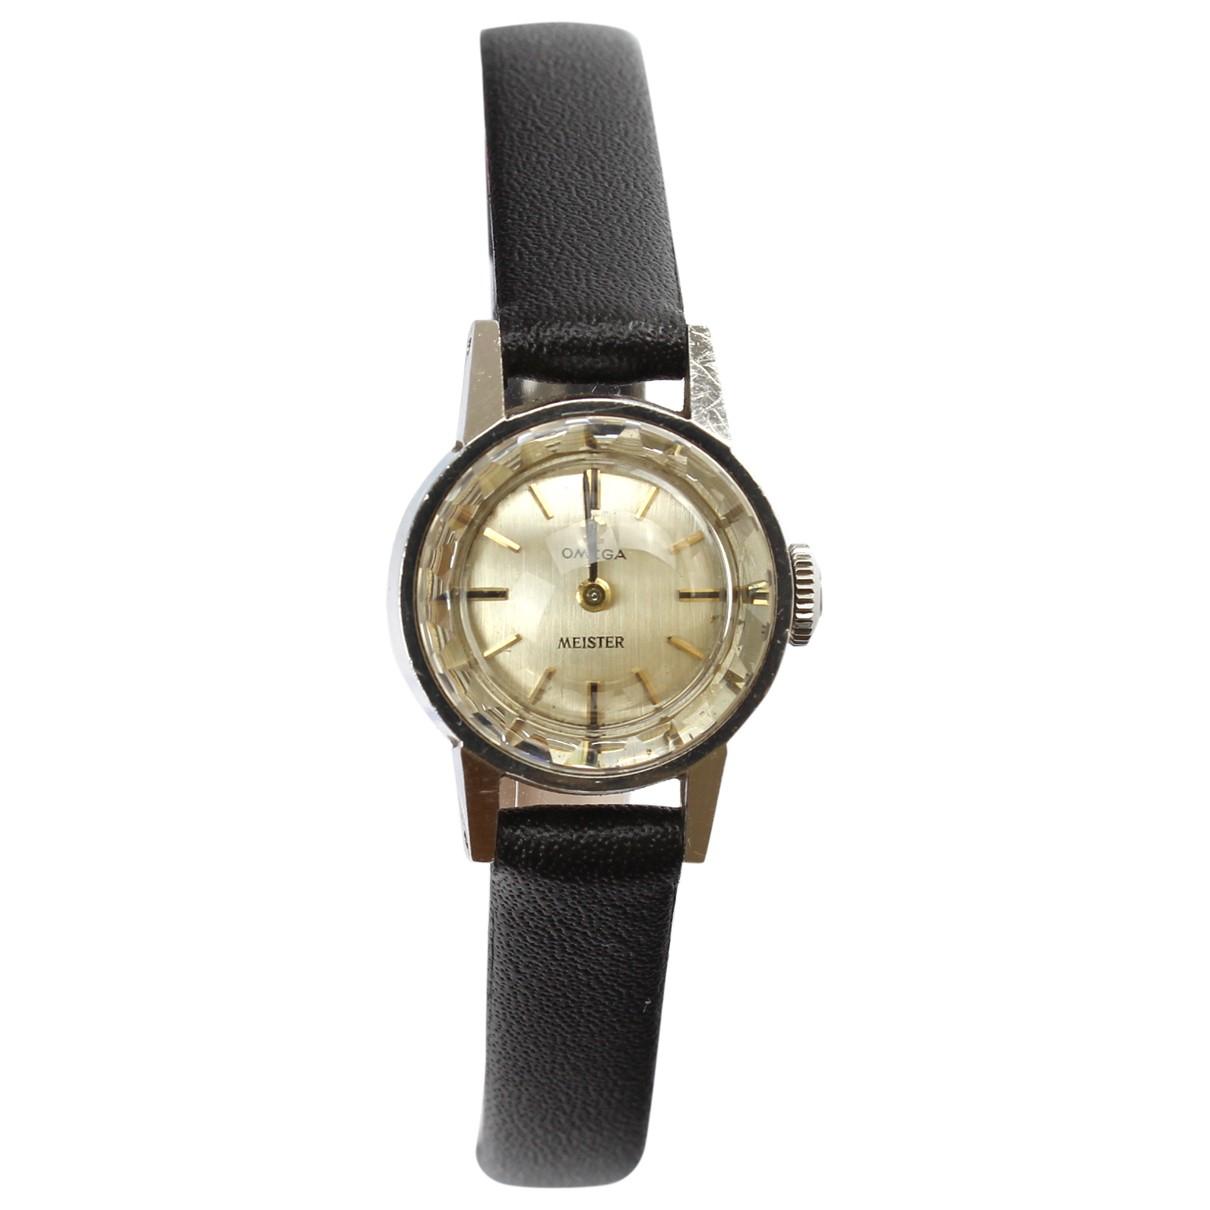 Omega \N Silver Steel watch for Women \N